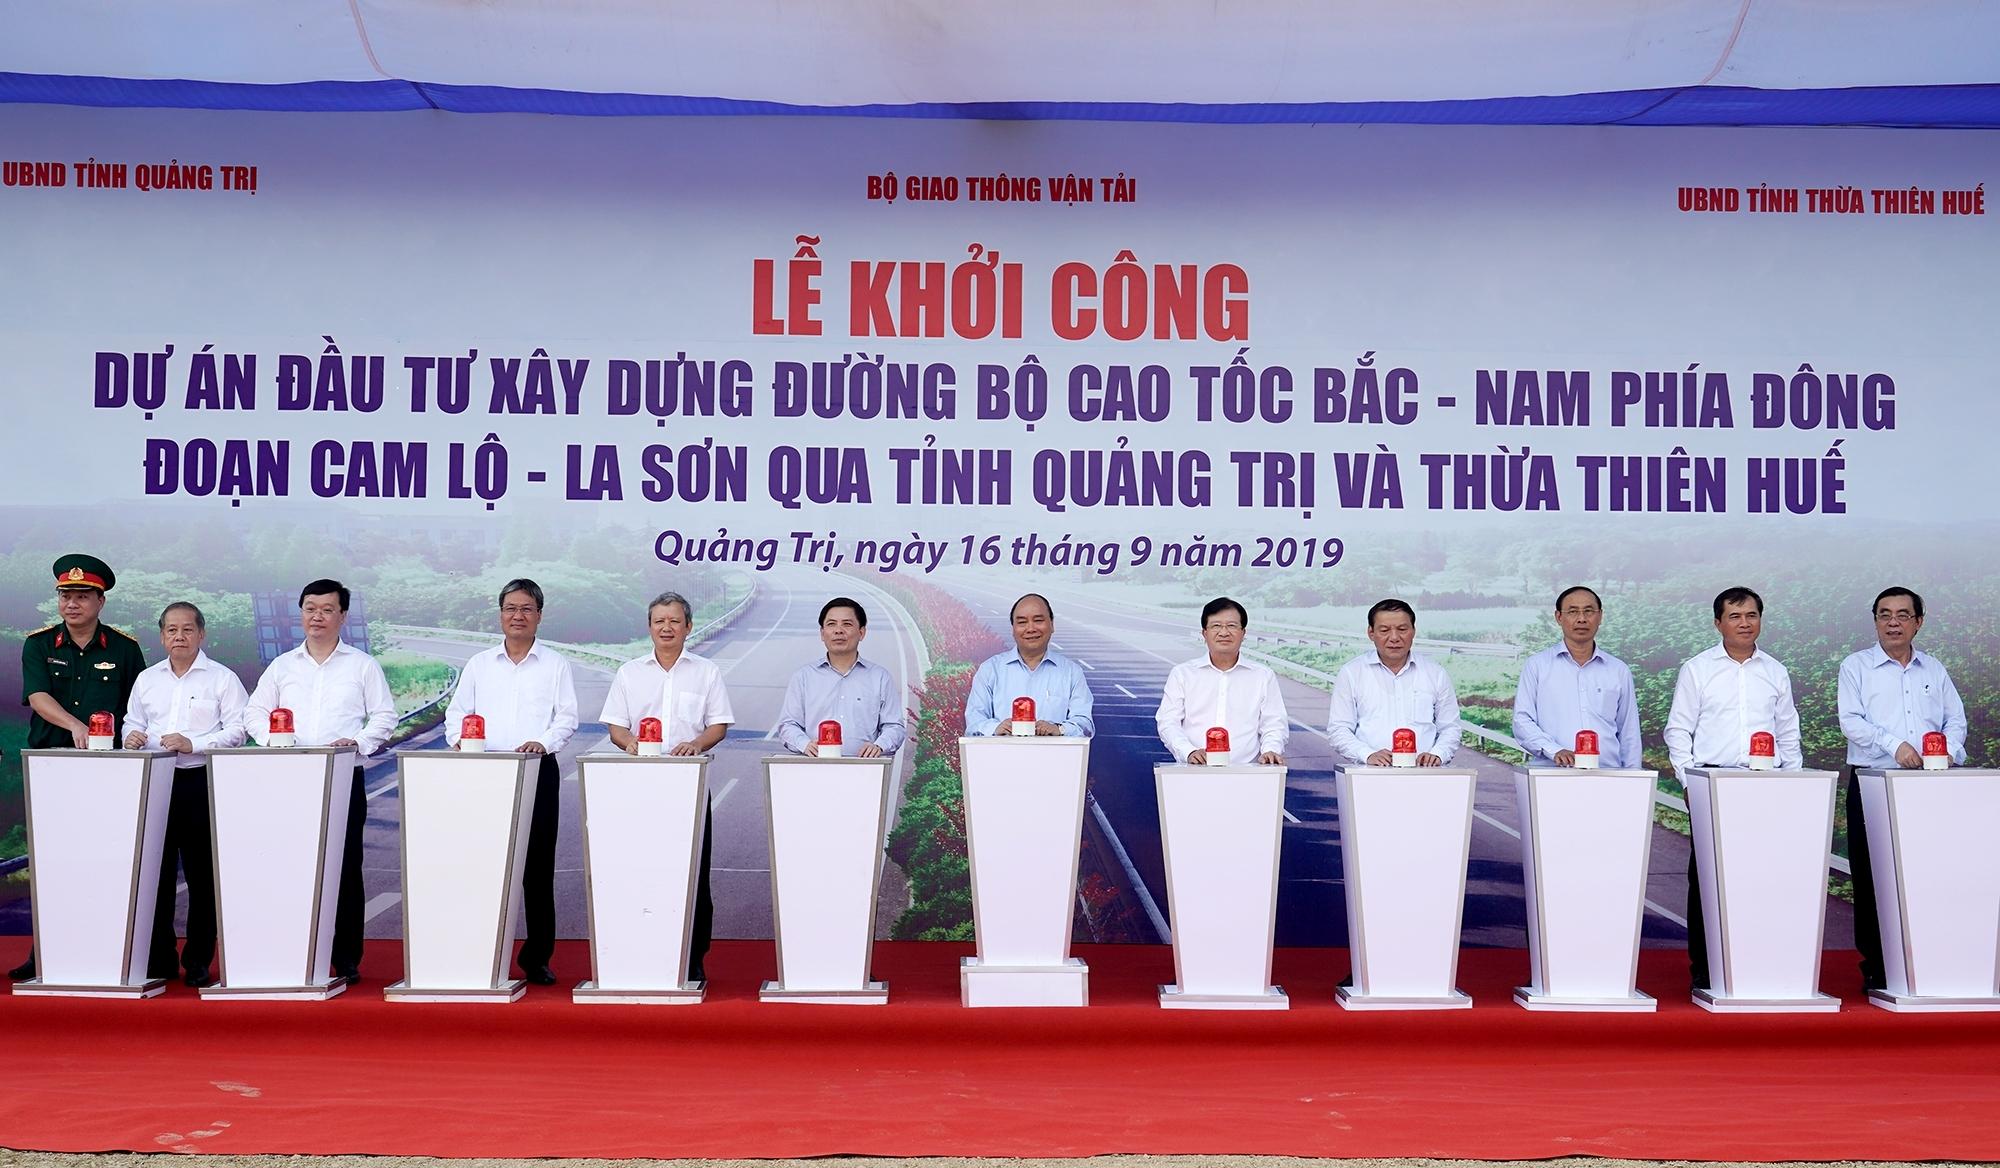 Khởi công dự án cao tốc Bắc - Nam đoạn Cam Lộ - La Sơn